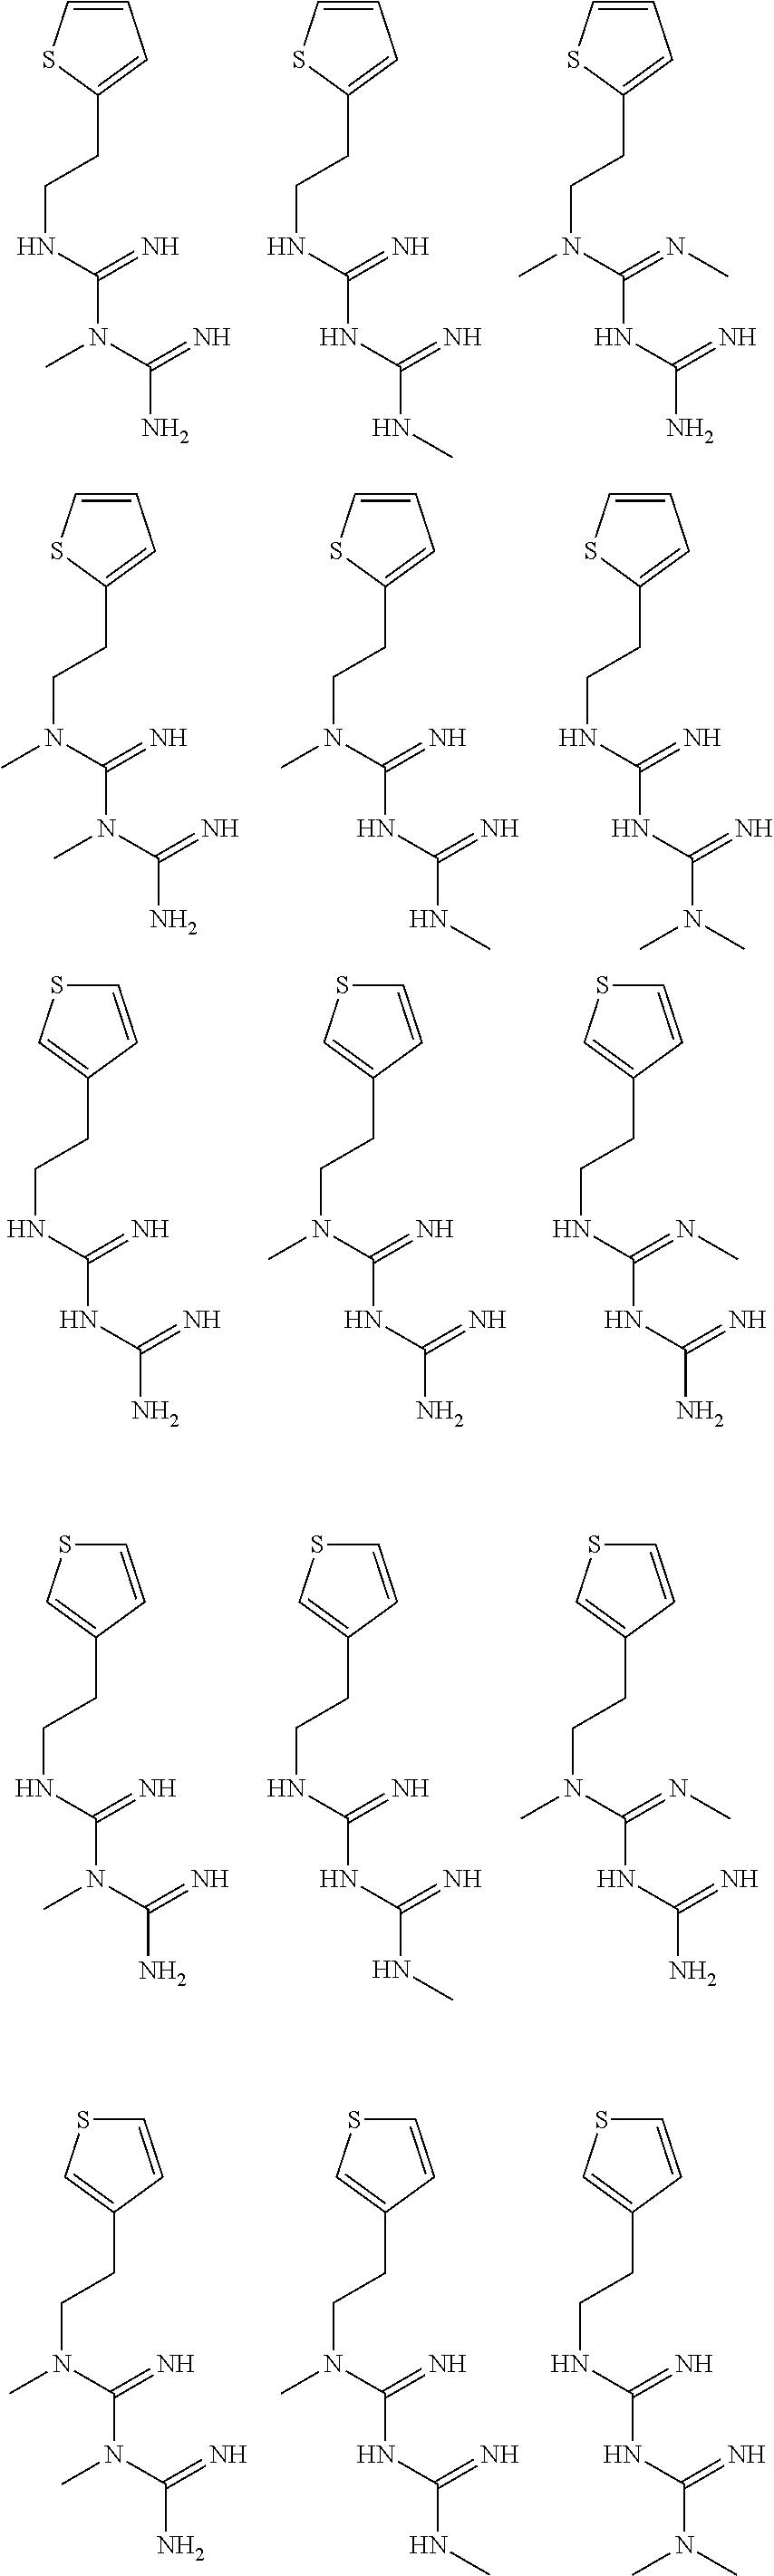 Figure US09480663-20161101-C00042